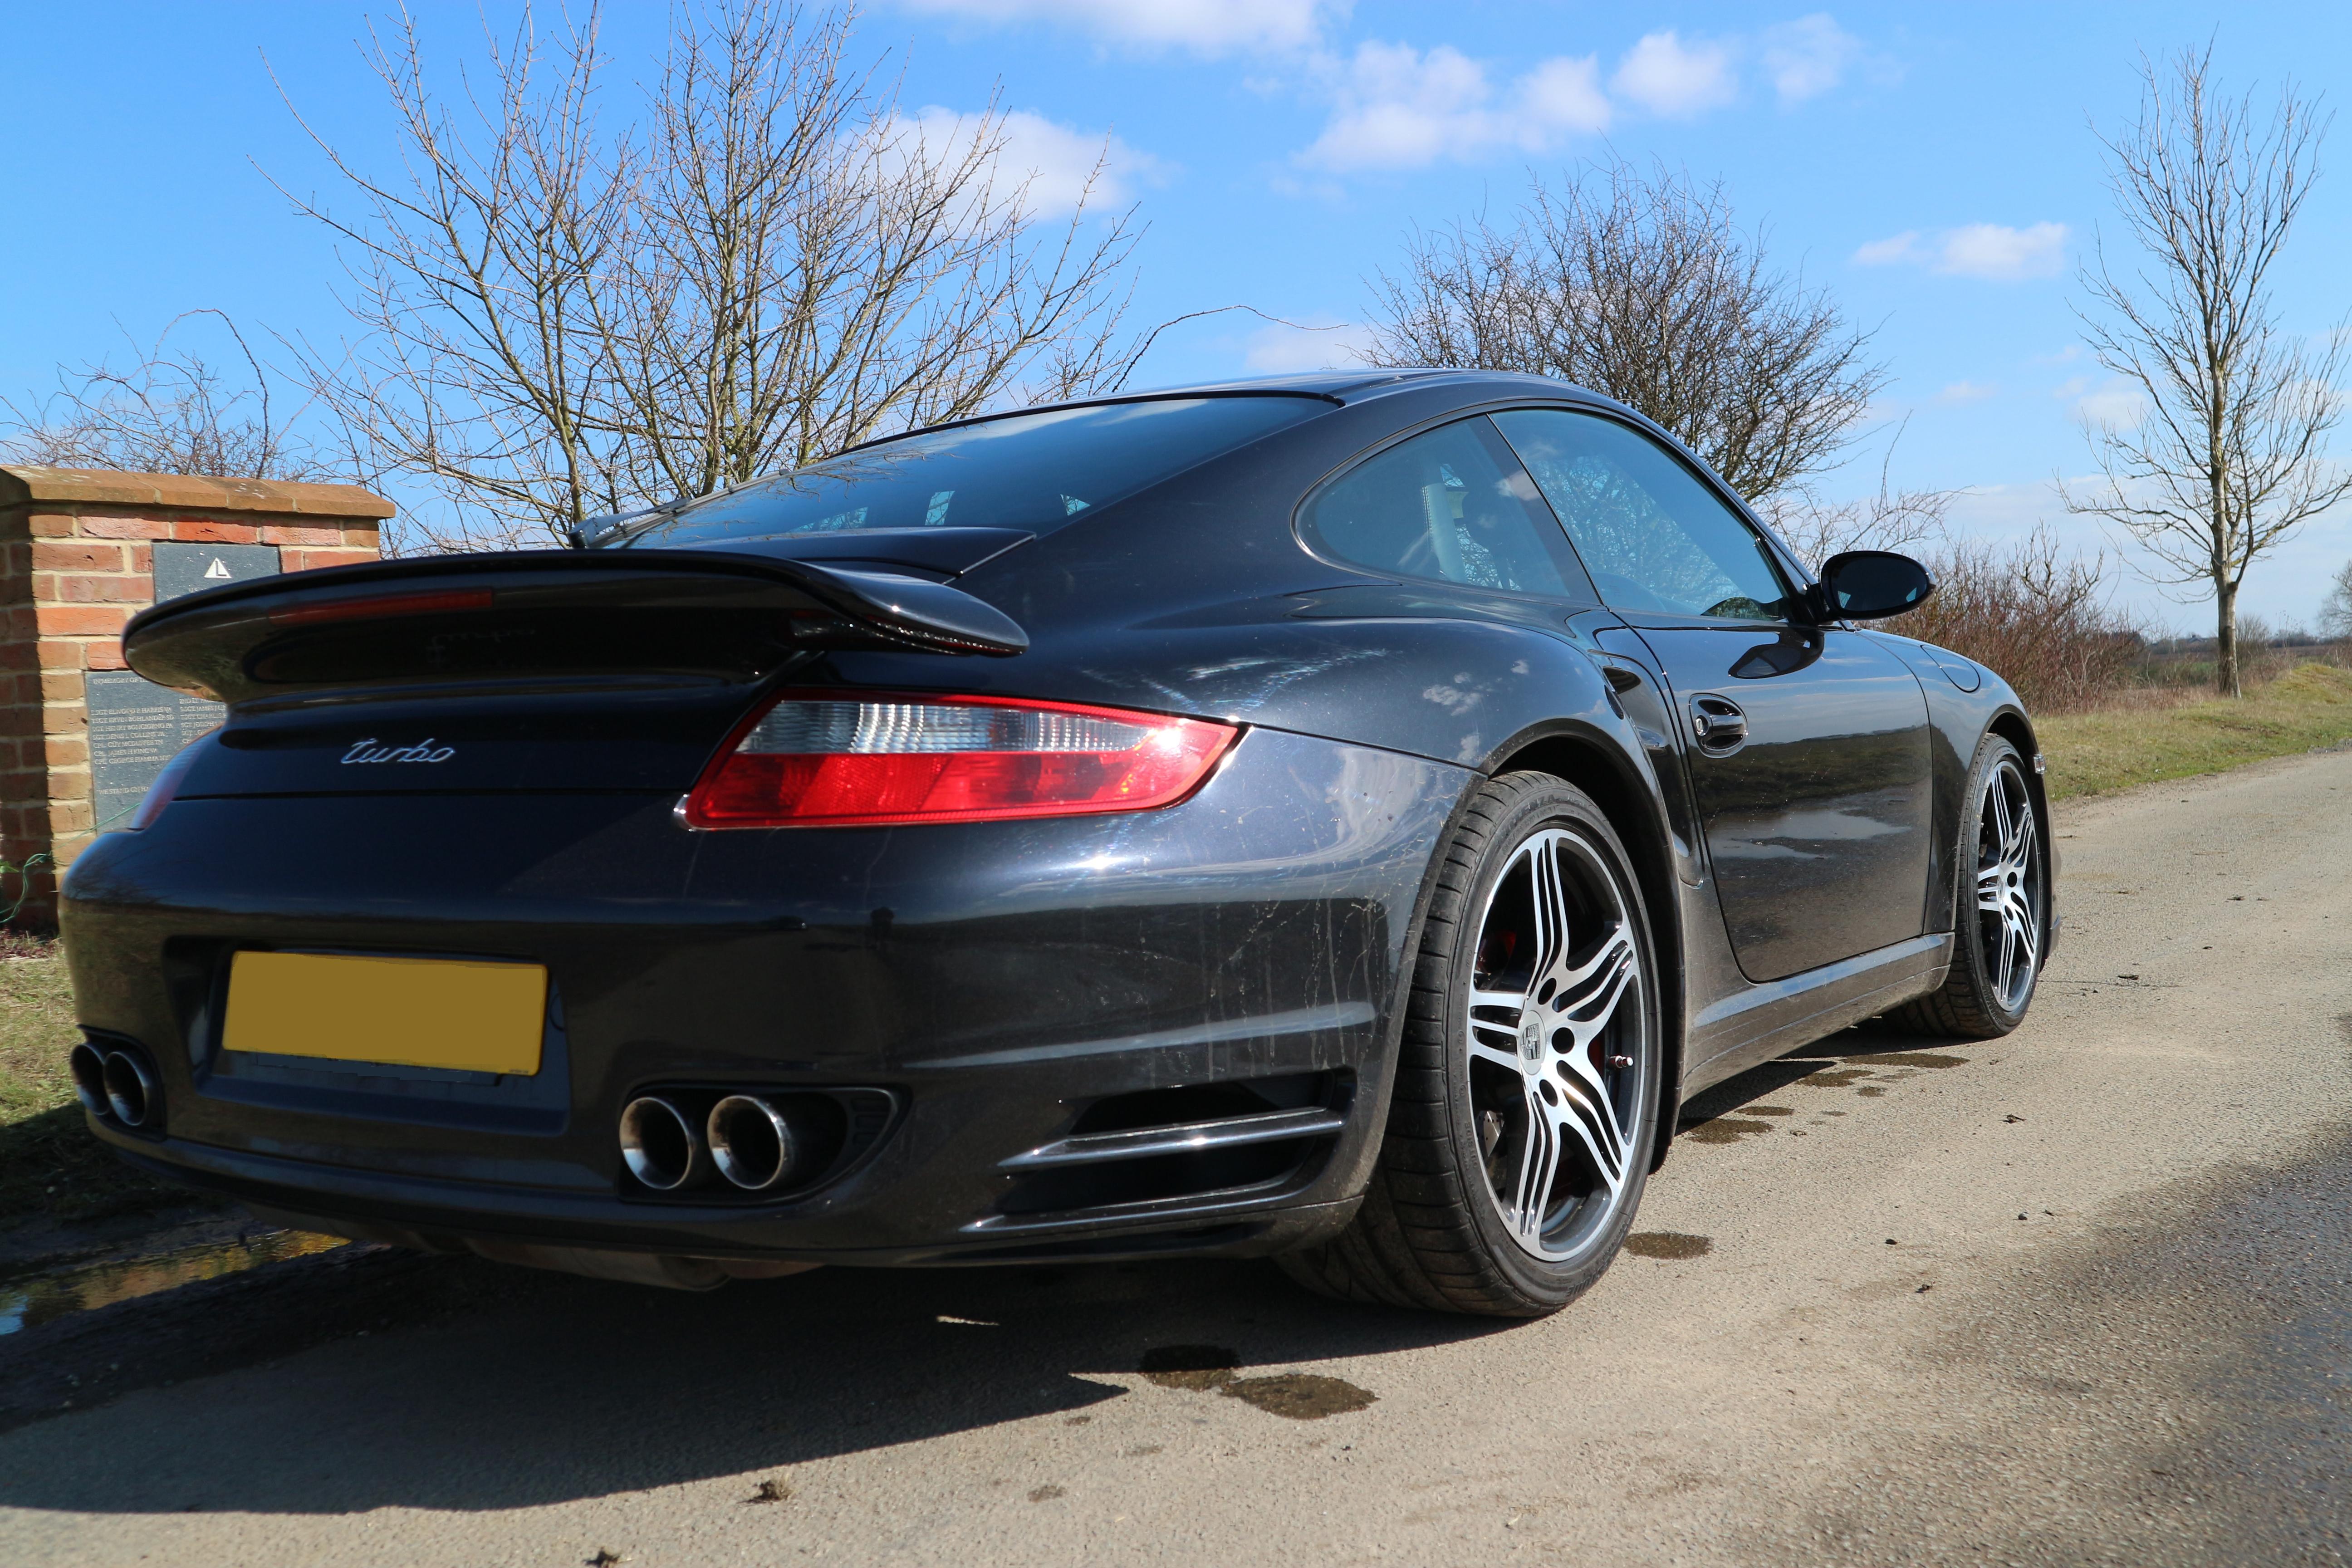 2006 Porsche 911 Turbo (997) – NOW SOLD full